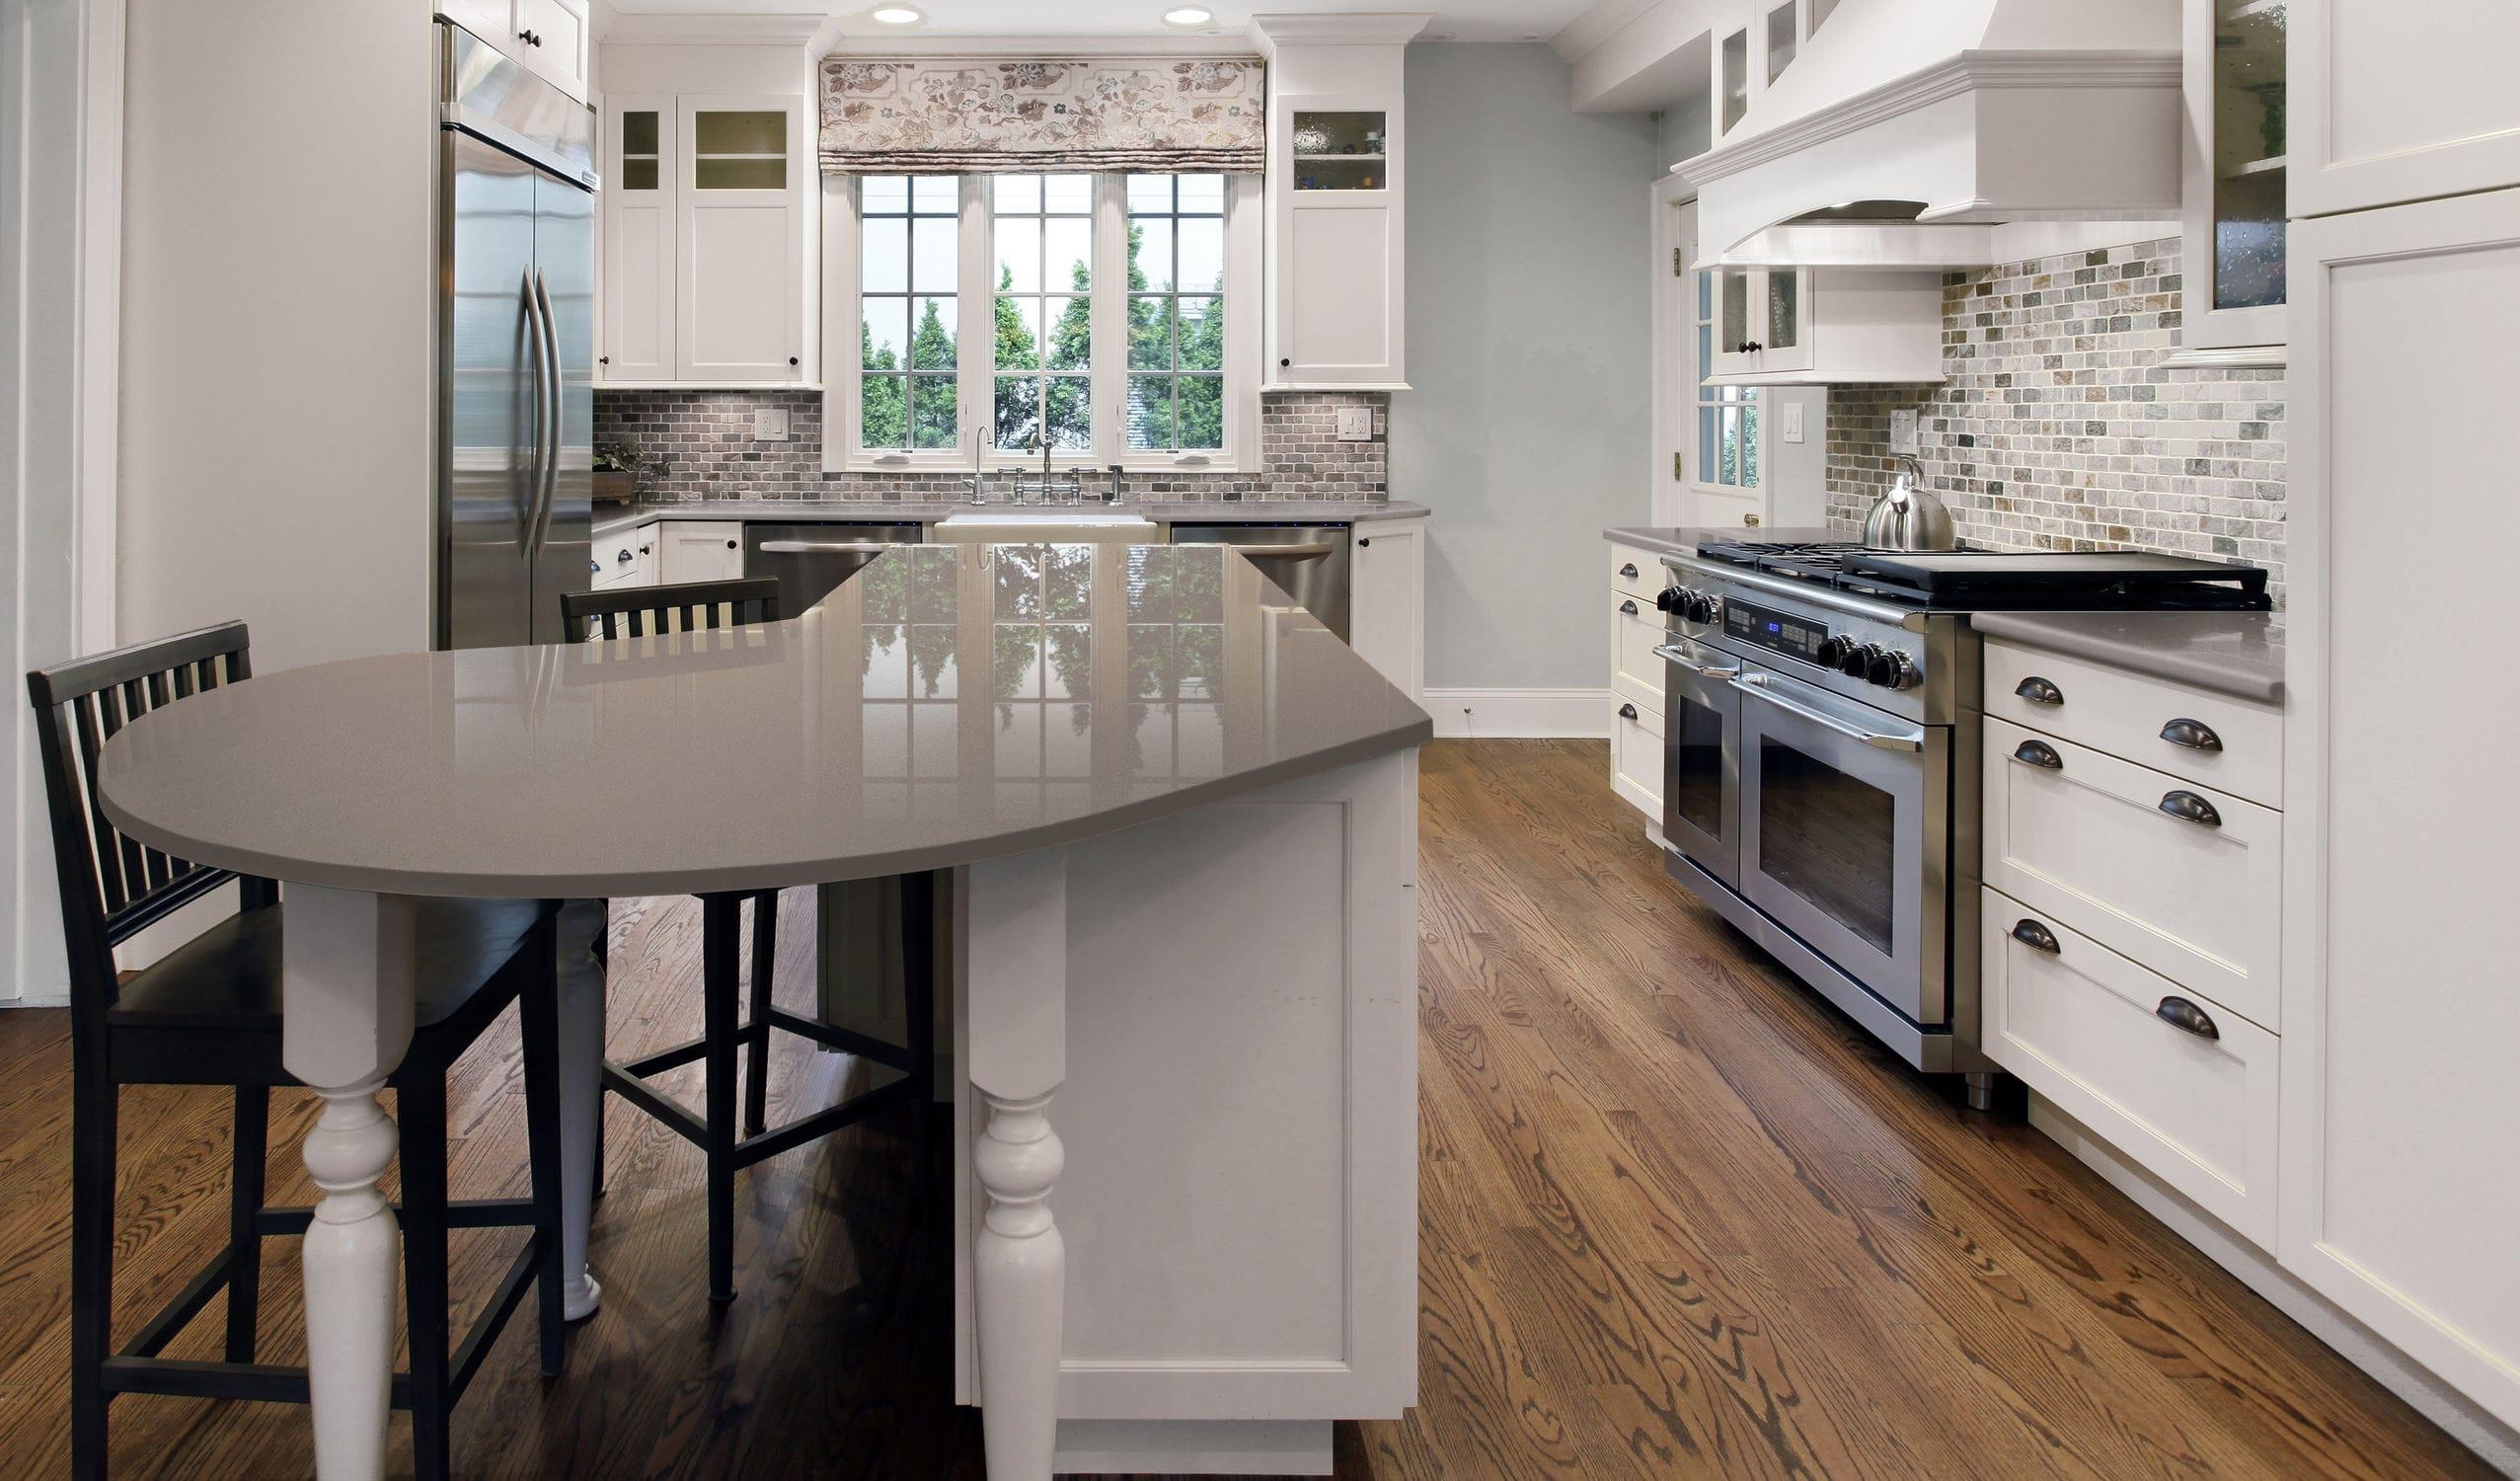 brown kitchen sink cow 复合材料厨房台面 厨房 棕色 lumina cosentino